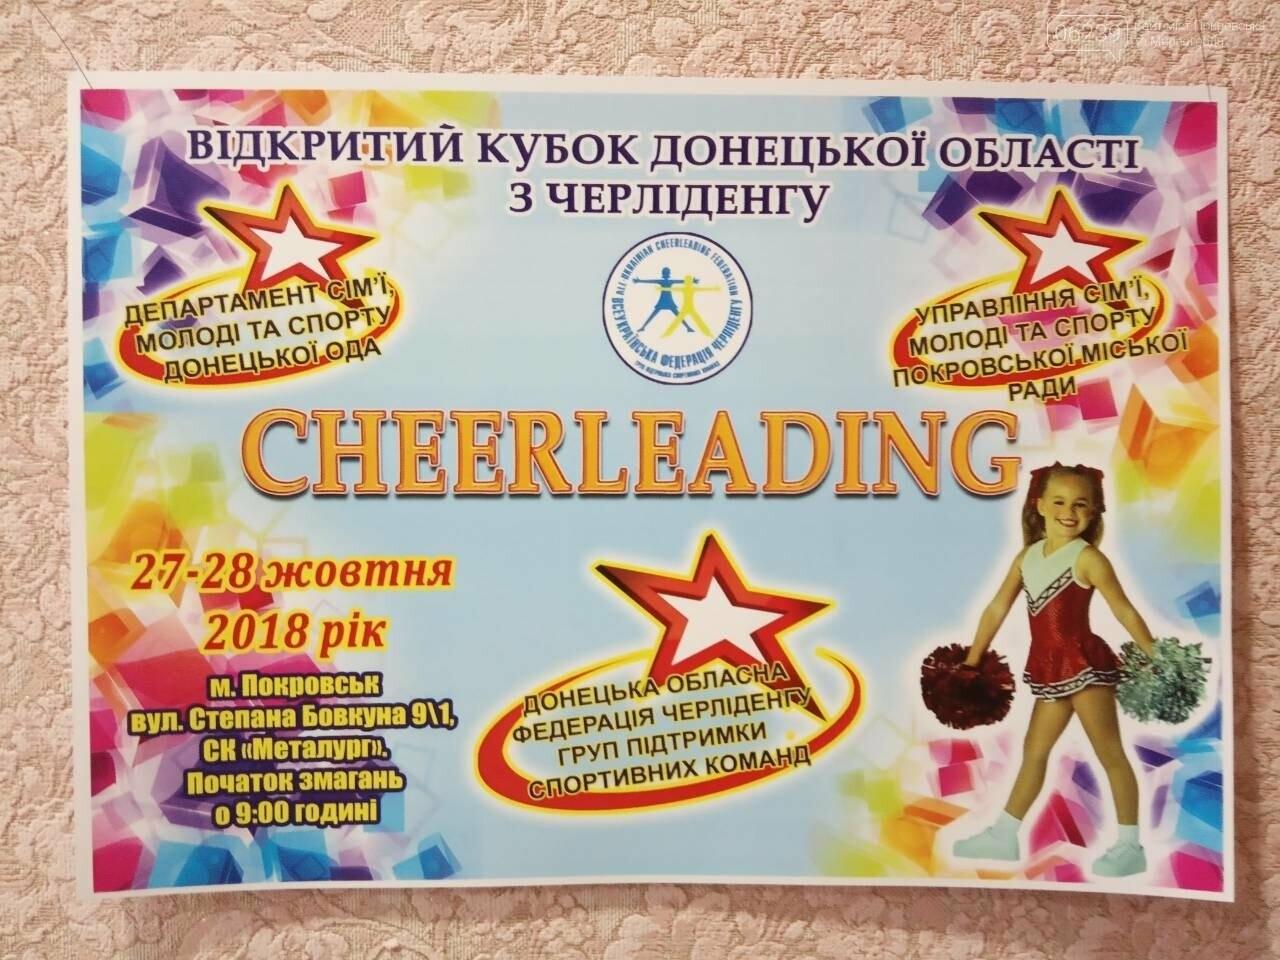 У Покровську відбудеться відкритий Кубок Донецької області з черліденгу, фото-1